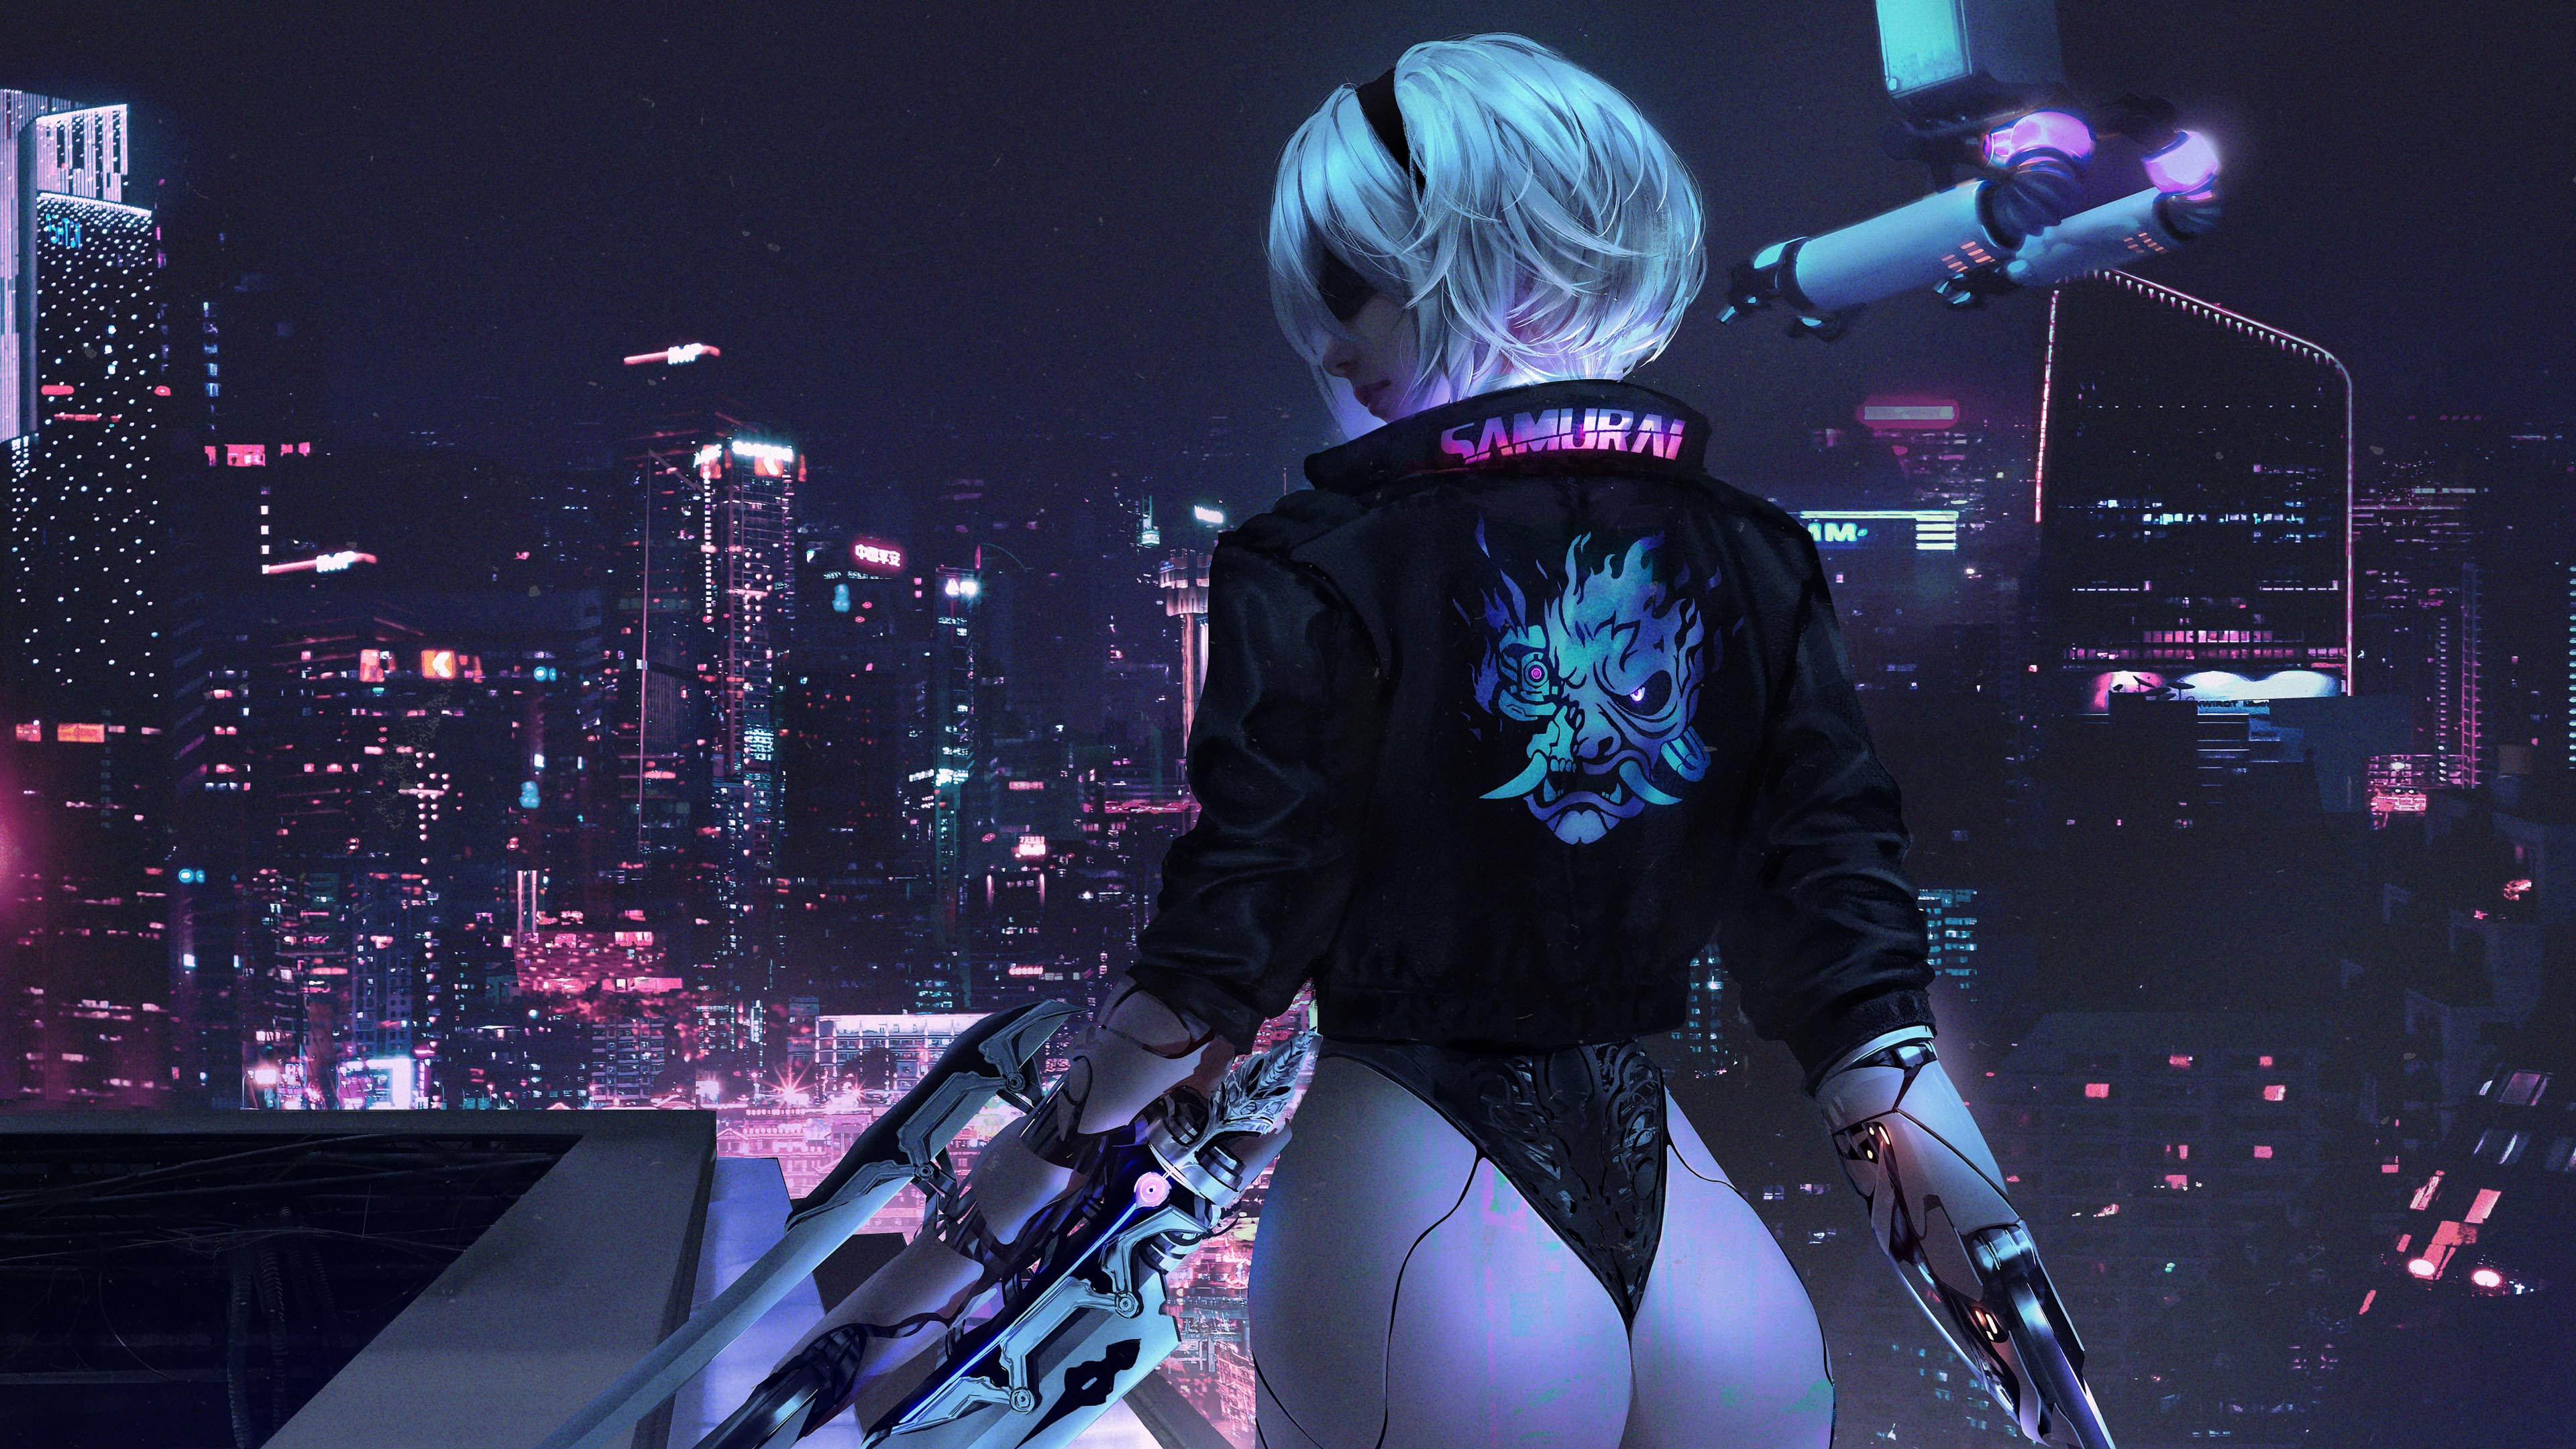 游戏壁纸,主机游戏,赛博朋克2077,未来,深夜,夜景,科技